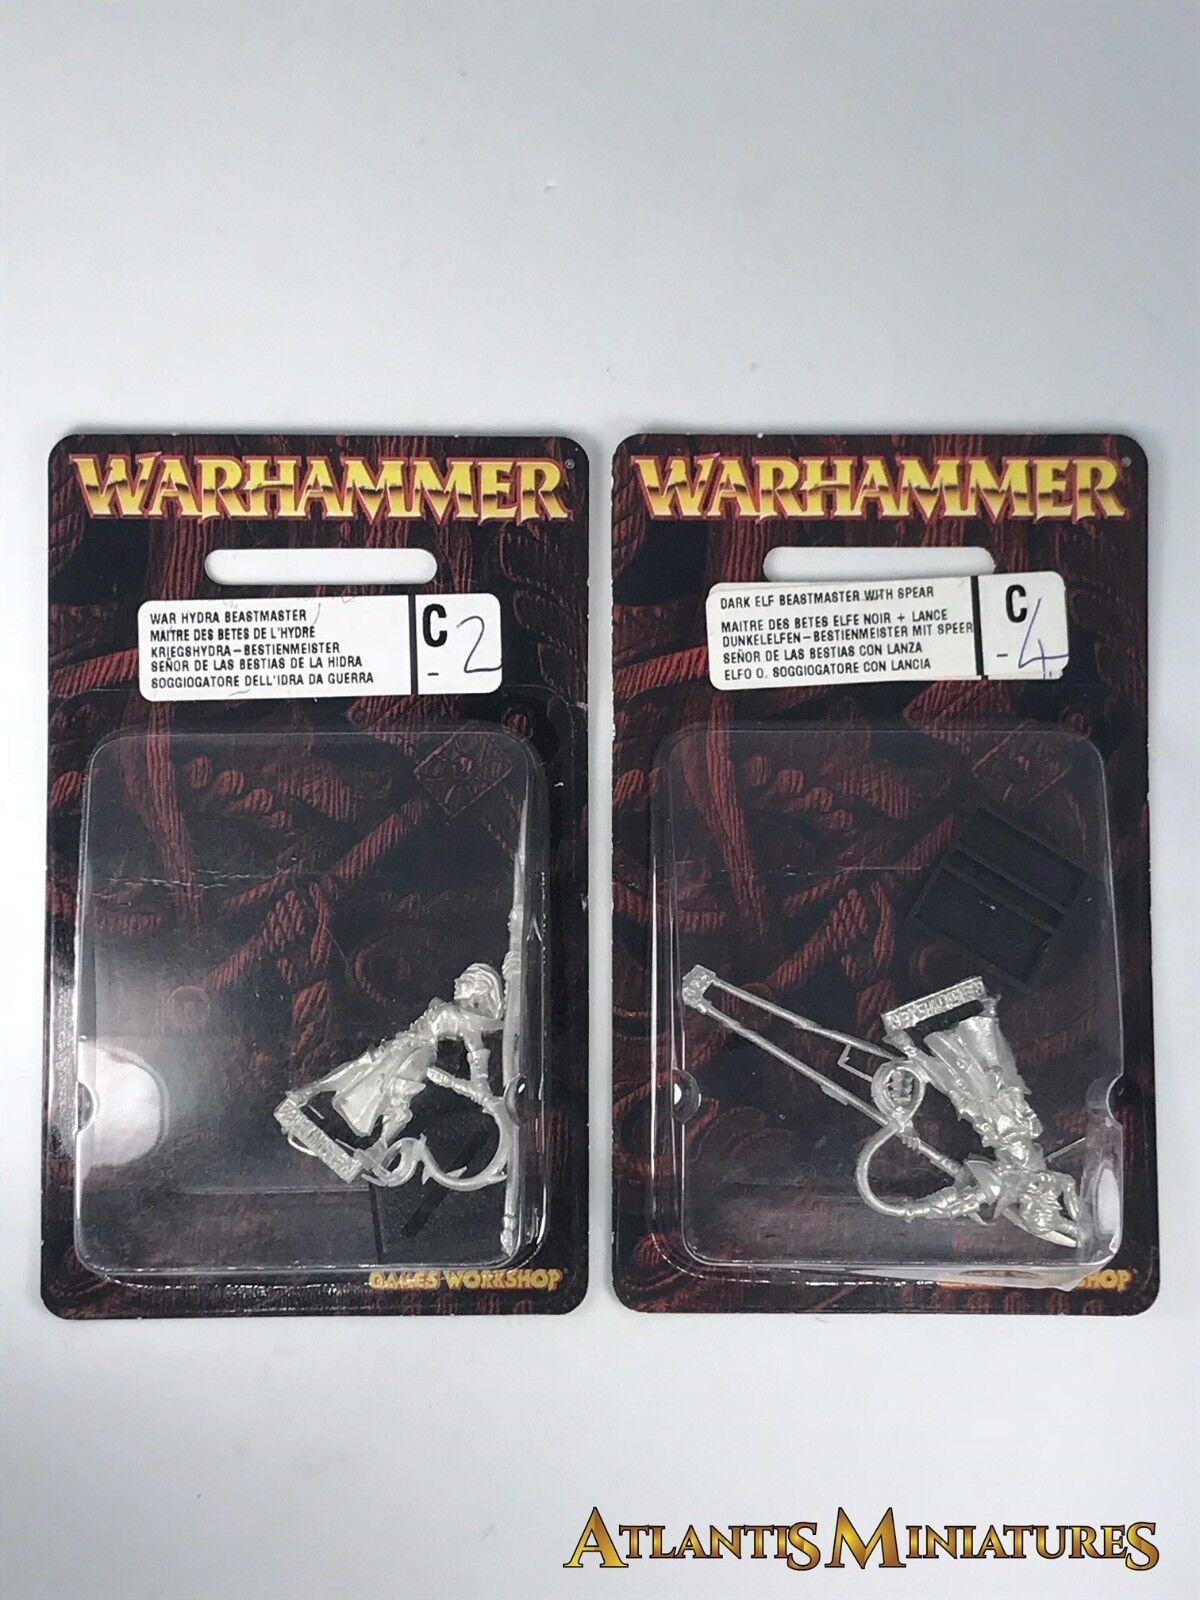 Metall dunkelelfen beastmaster blister - oop - warhammer   alter von sigmar cc546